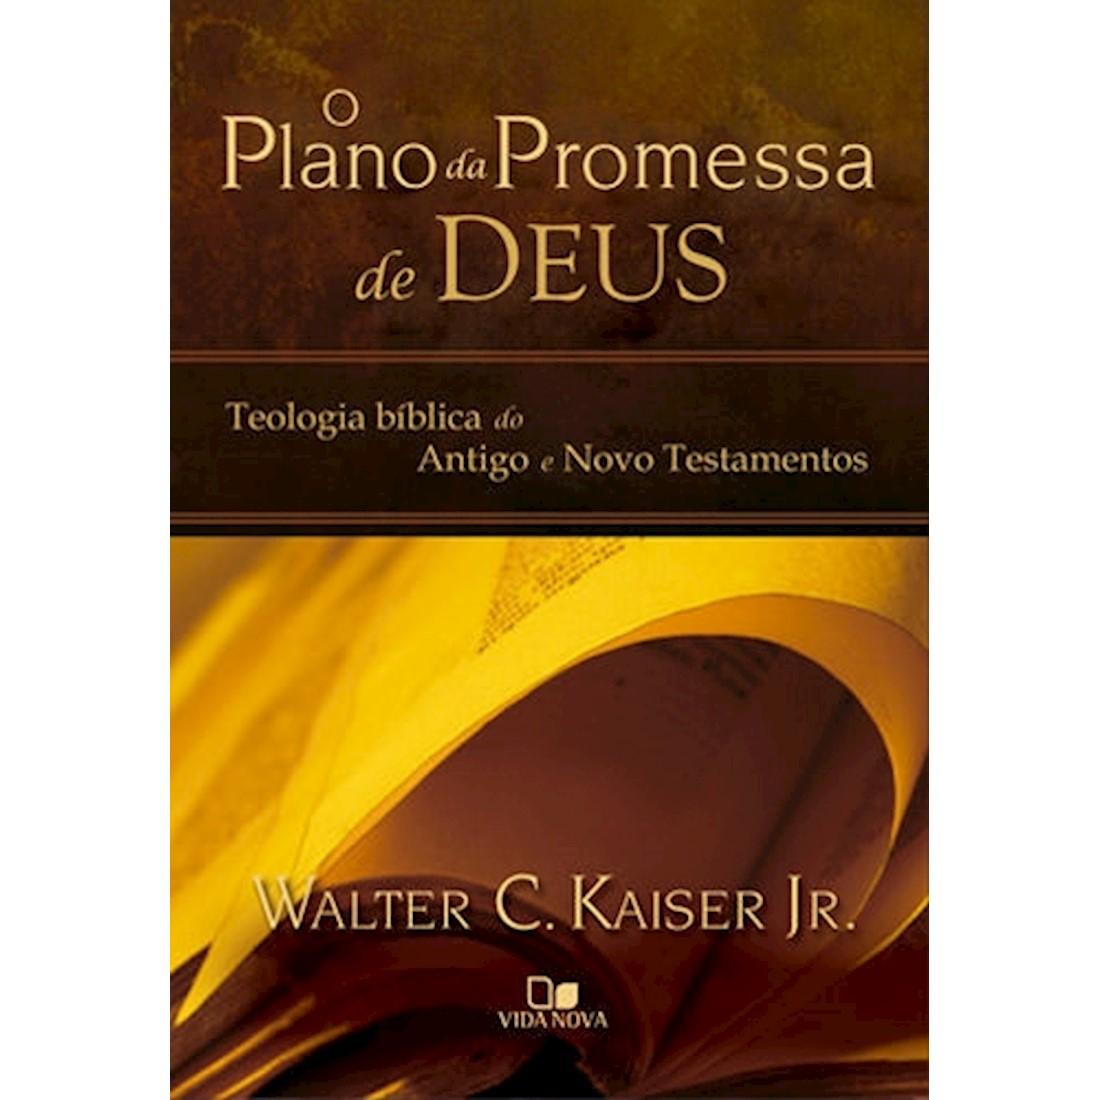 Livro O Plano da Promessa de Deus